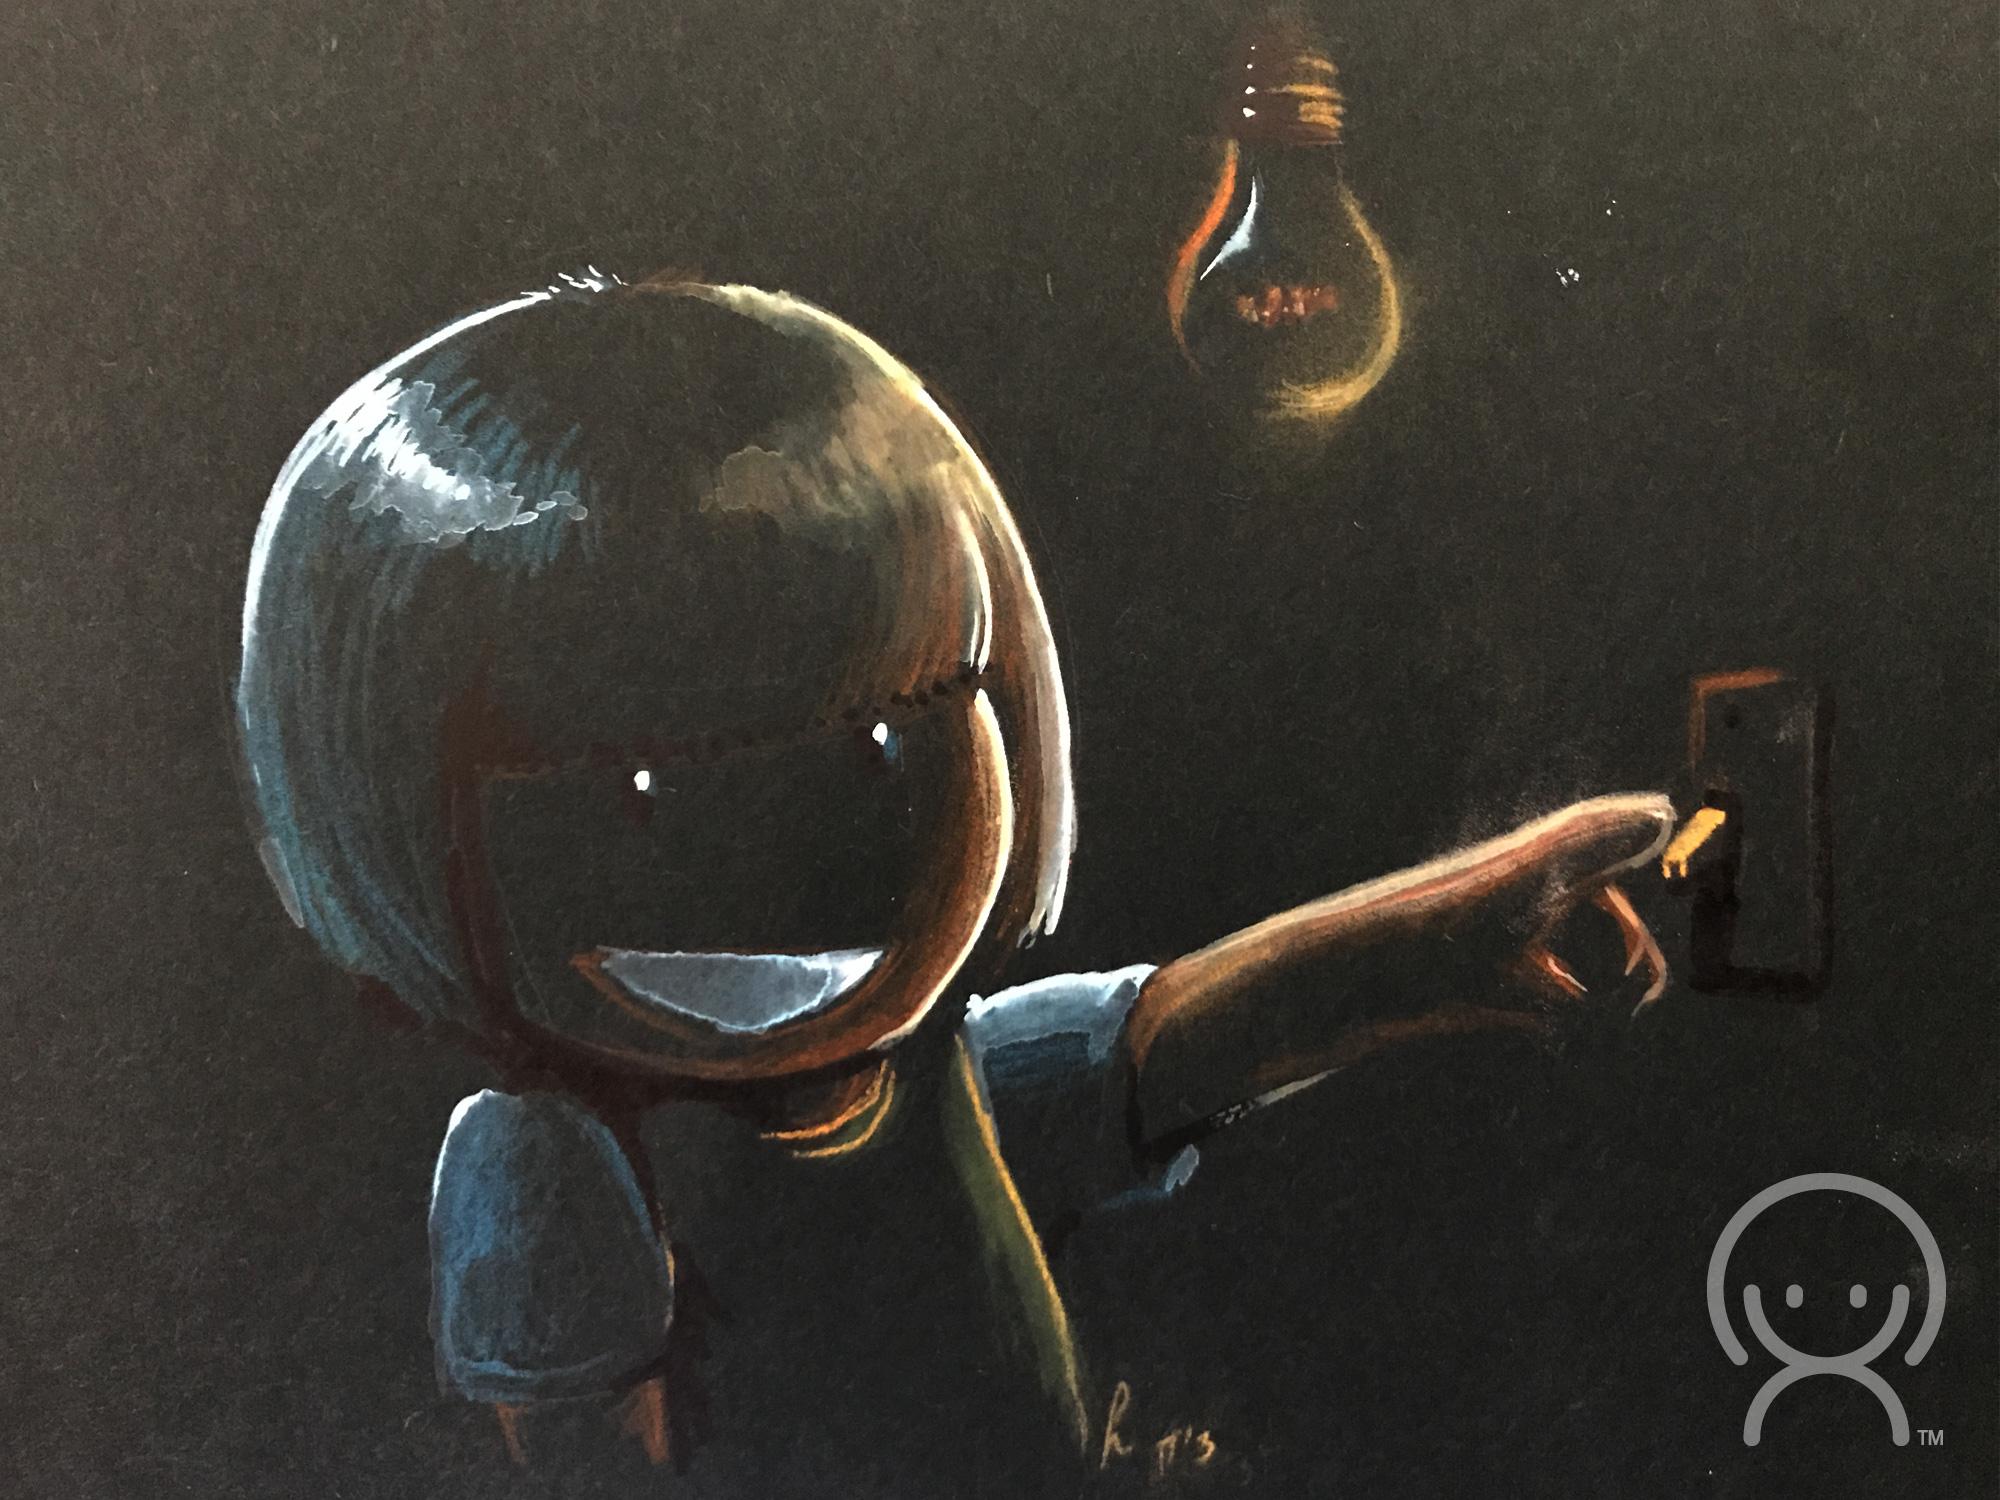 Xocololo - Xoco illustration by Hakubashi